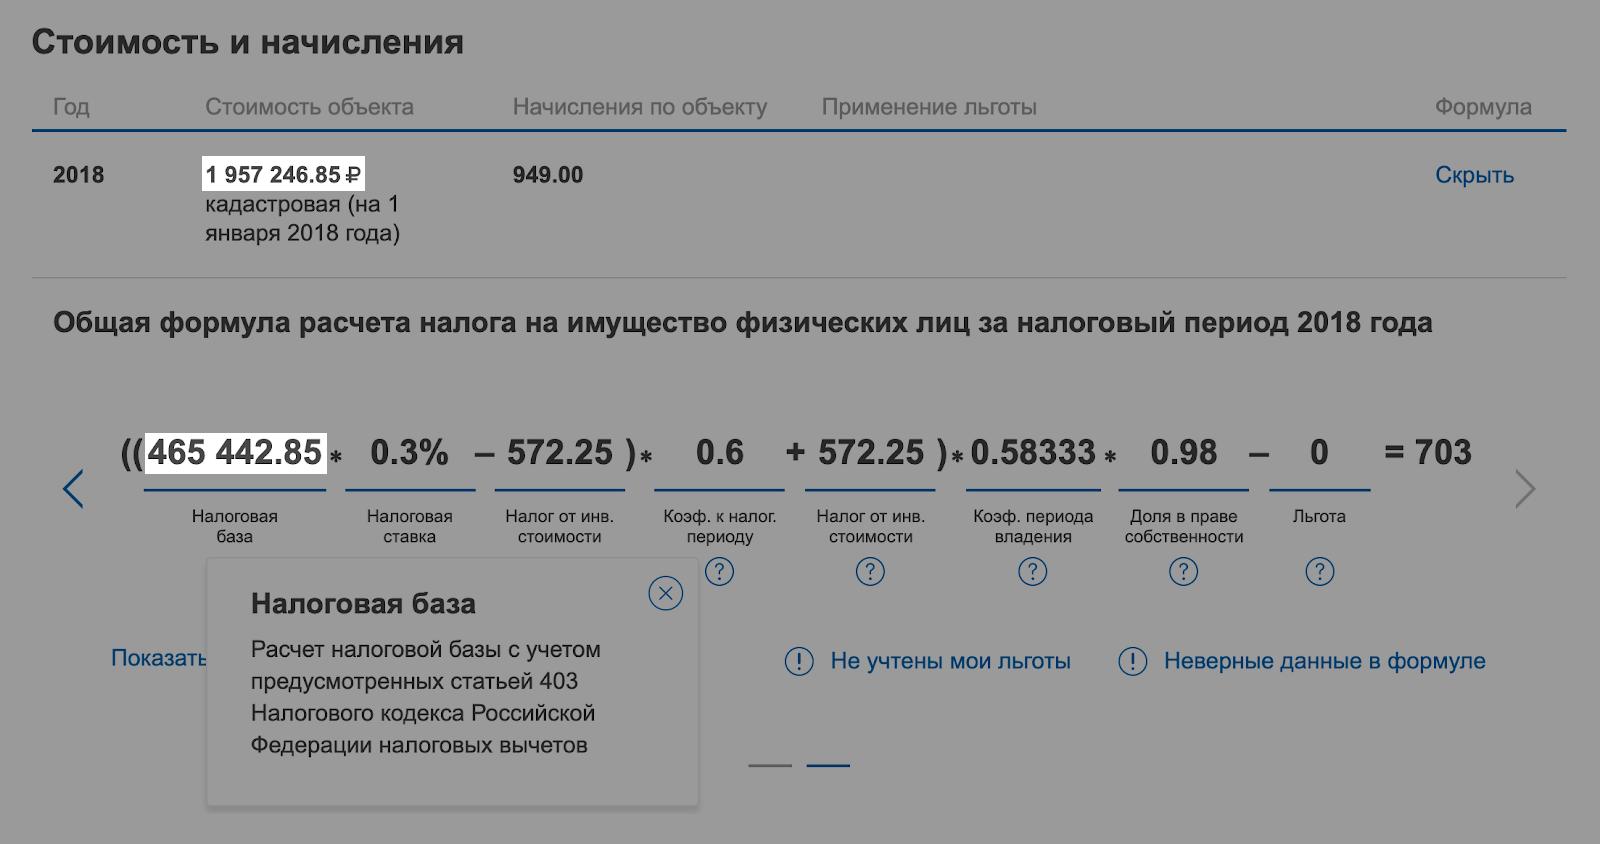 Кадастровая стоимость — почти 2 млн рублей, а налоговая база — 465 тысяч, потому что стоимость 50 м² не учли: это вычет